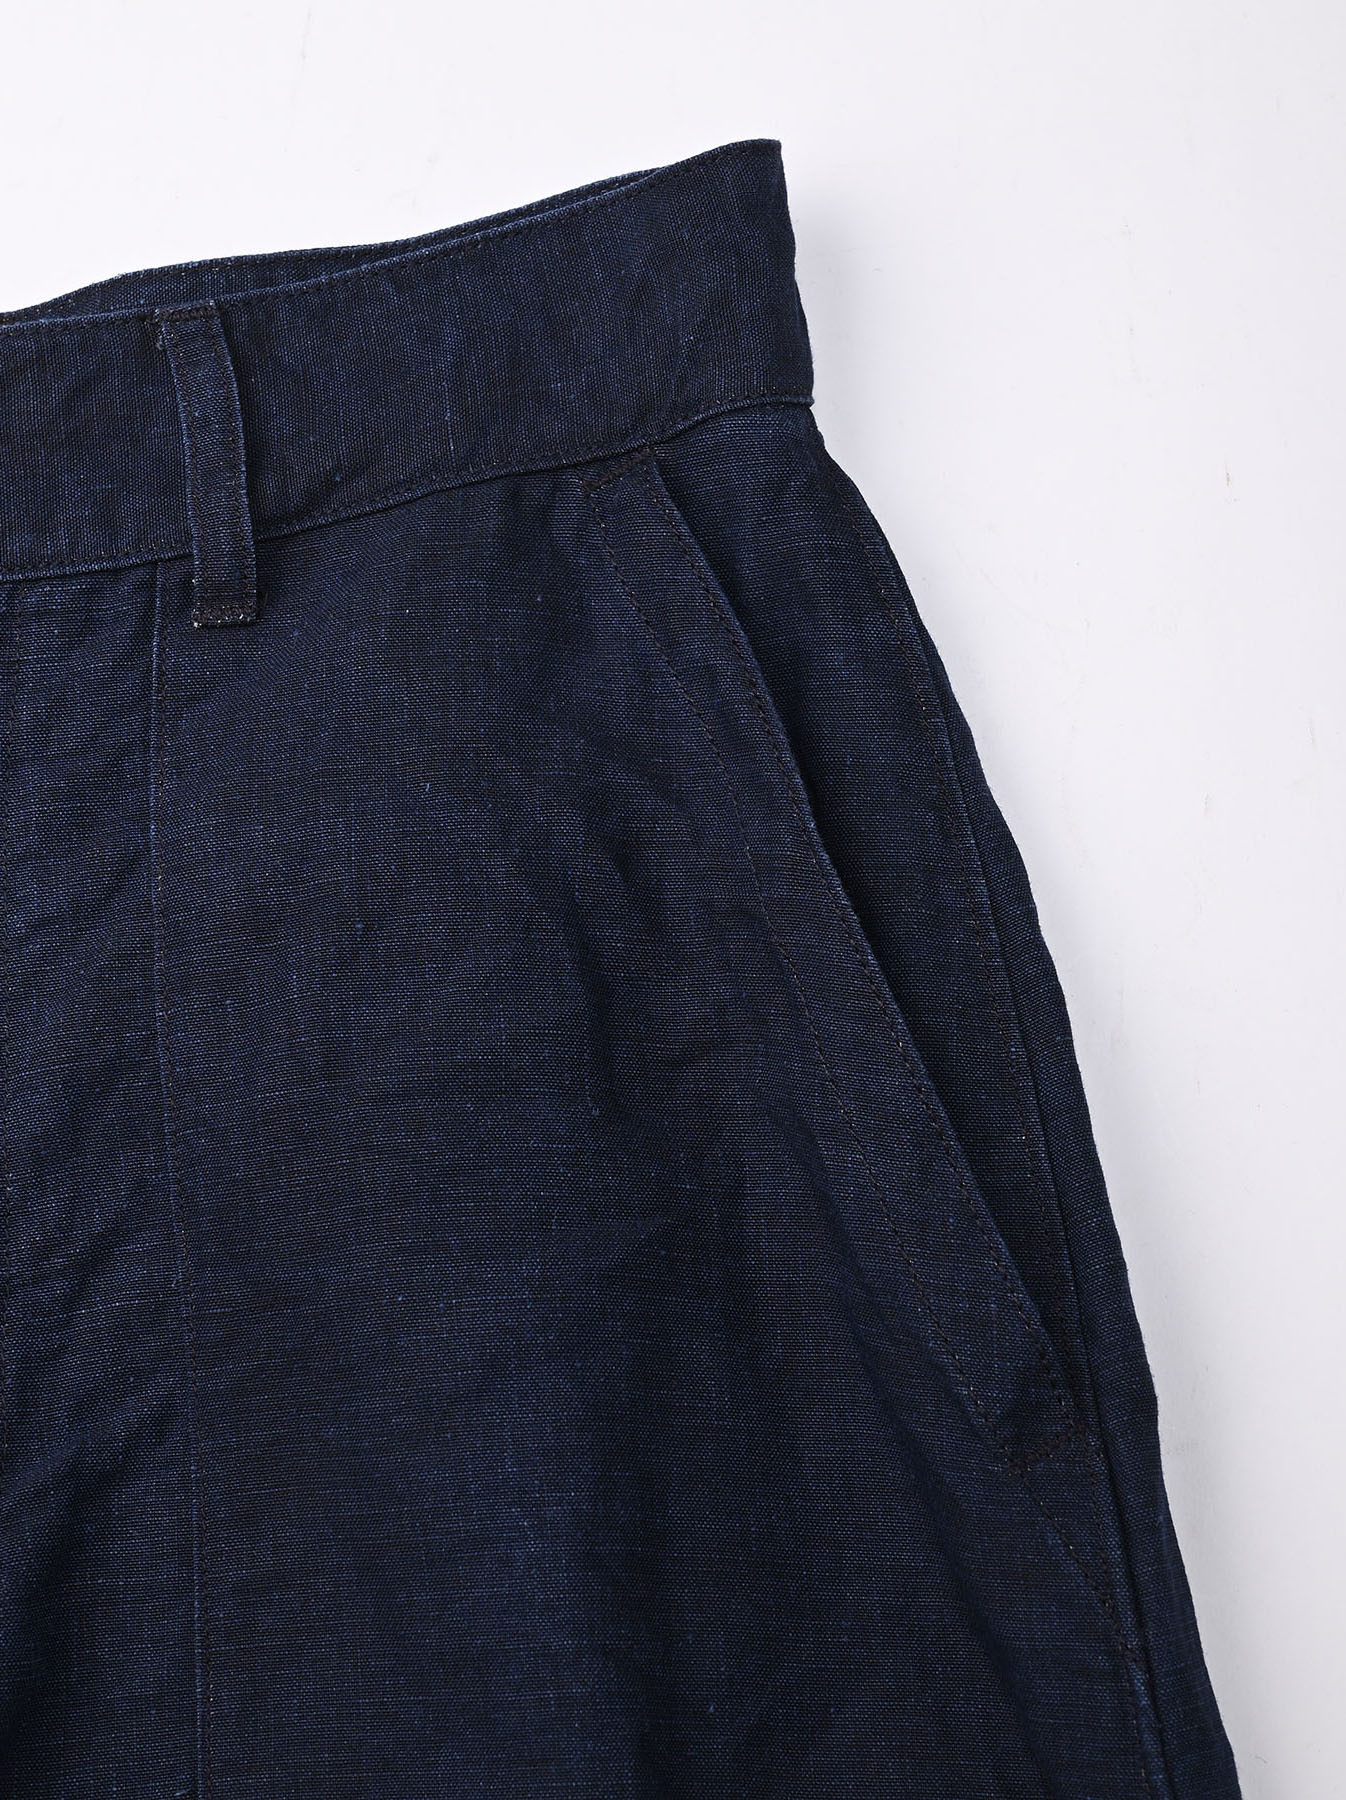 Indigo Linen 908 Baker Pants (0421)-8